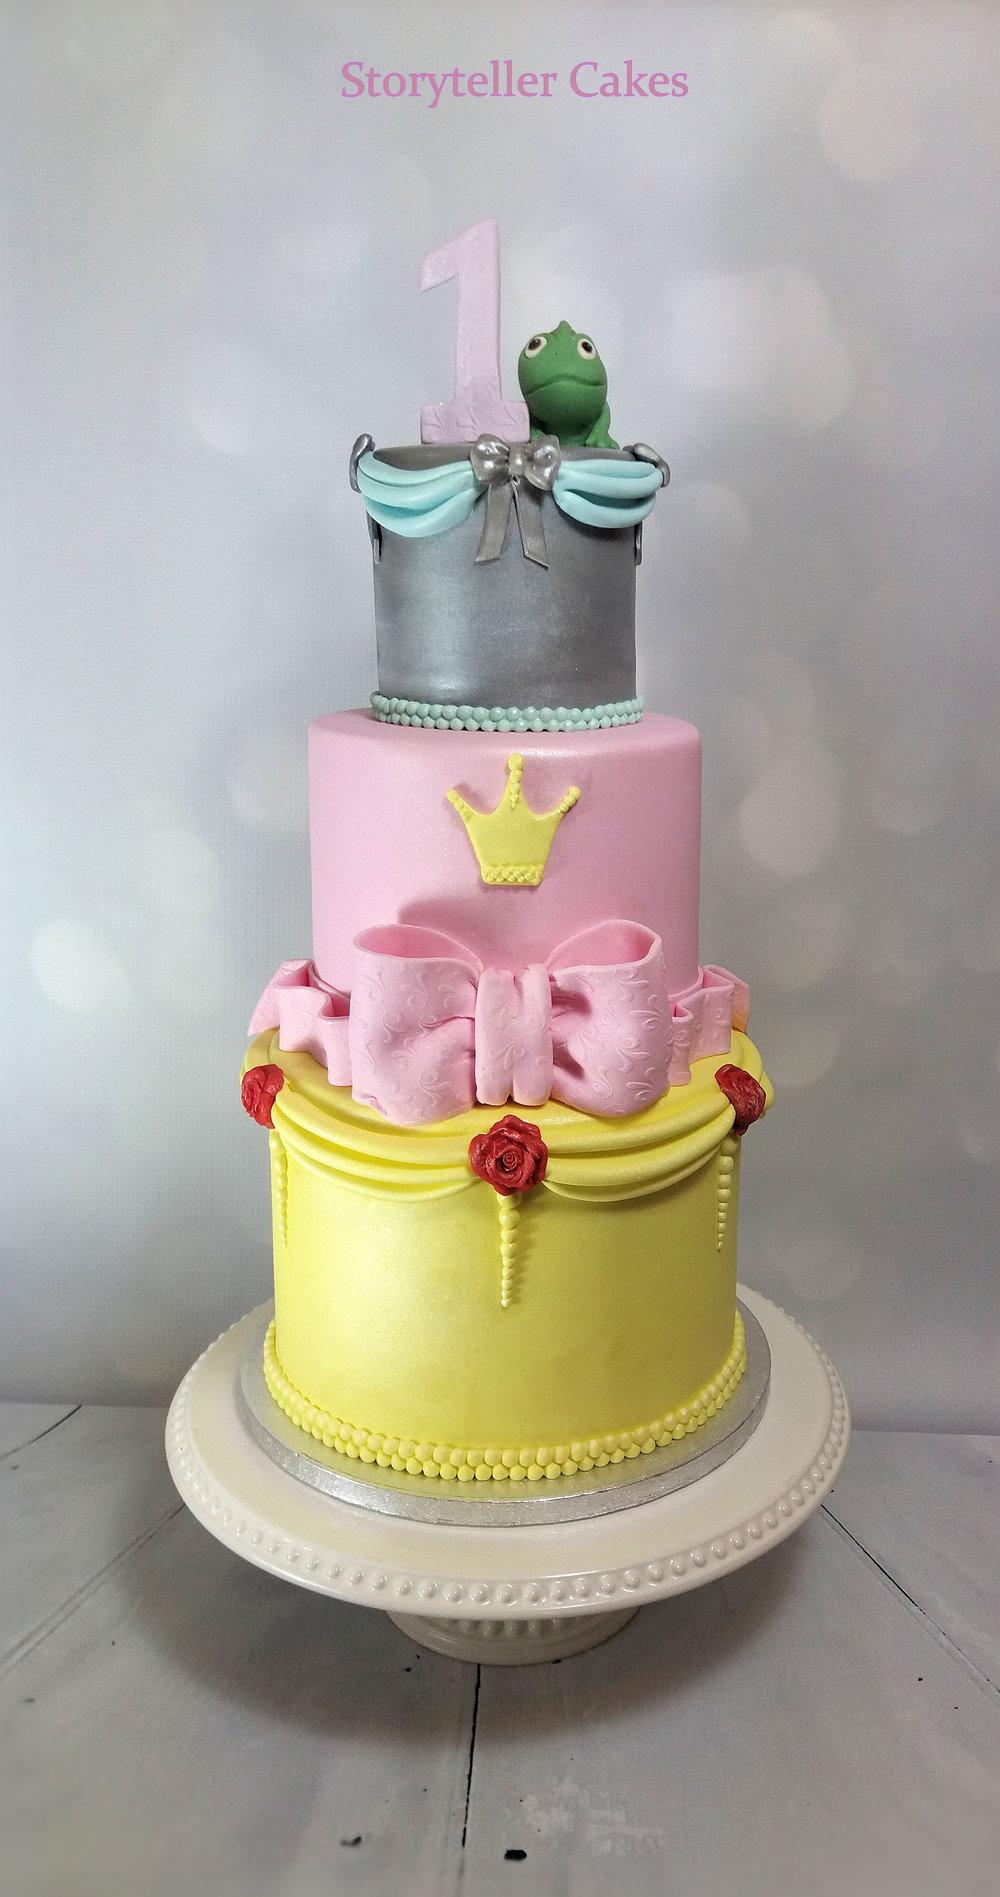 Childrens Birthday Cakes Girls Storyteller Cakes